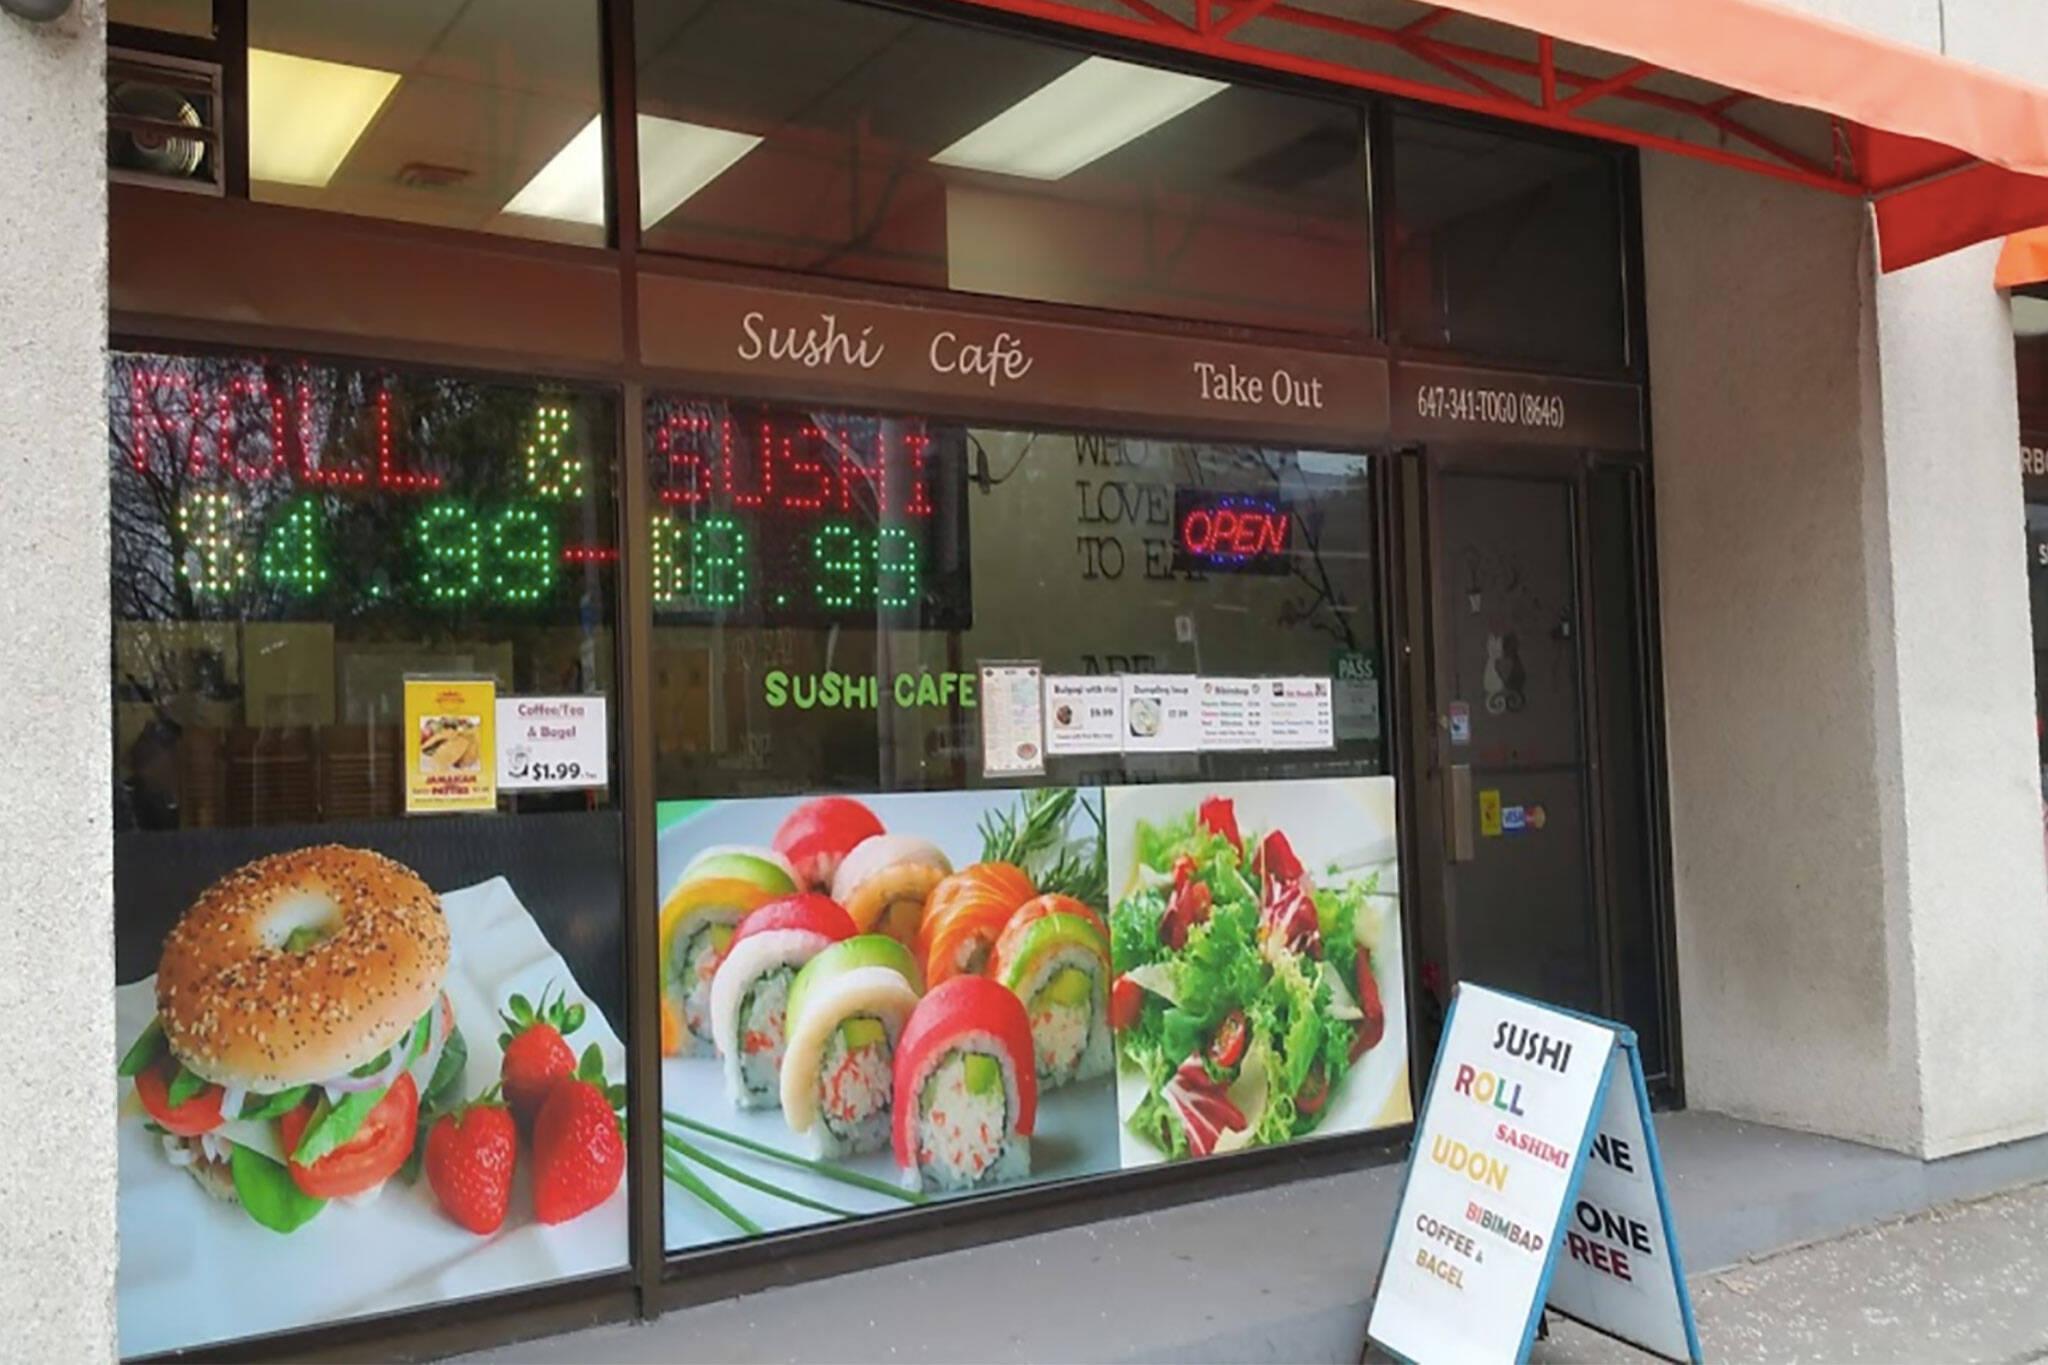 sushi cafe toronto